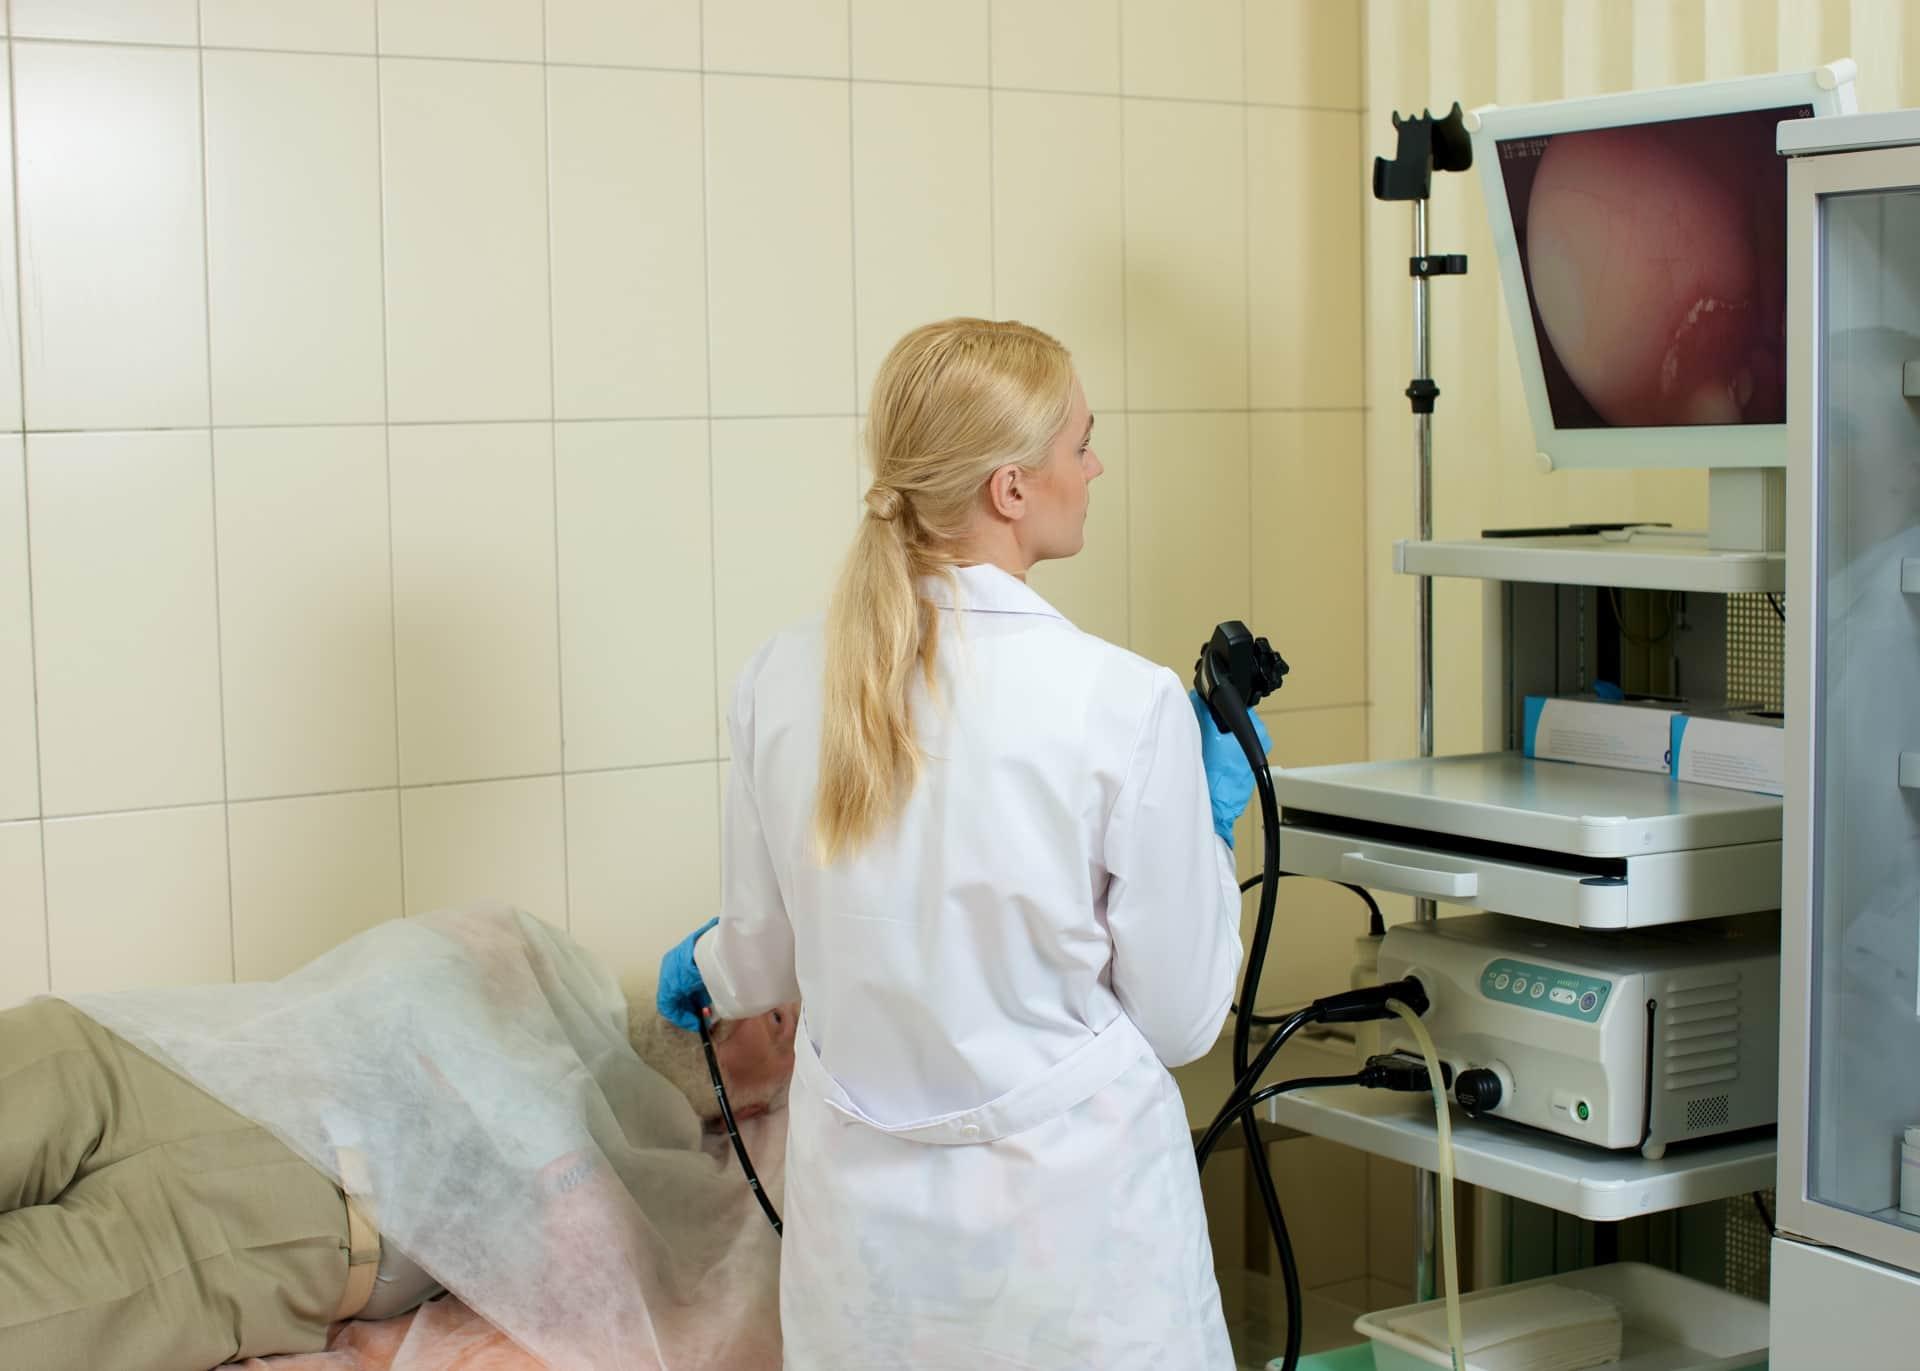 ピロリ菌の検査をしている女医と患者